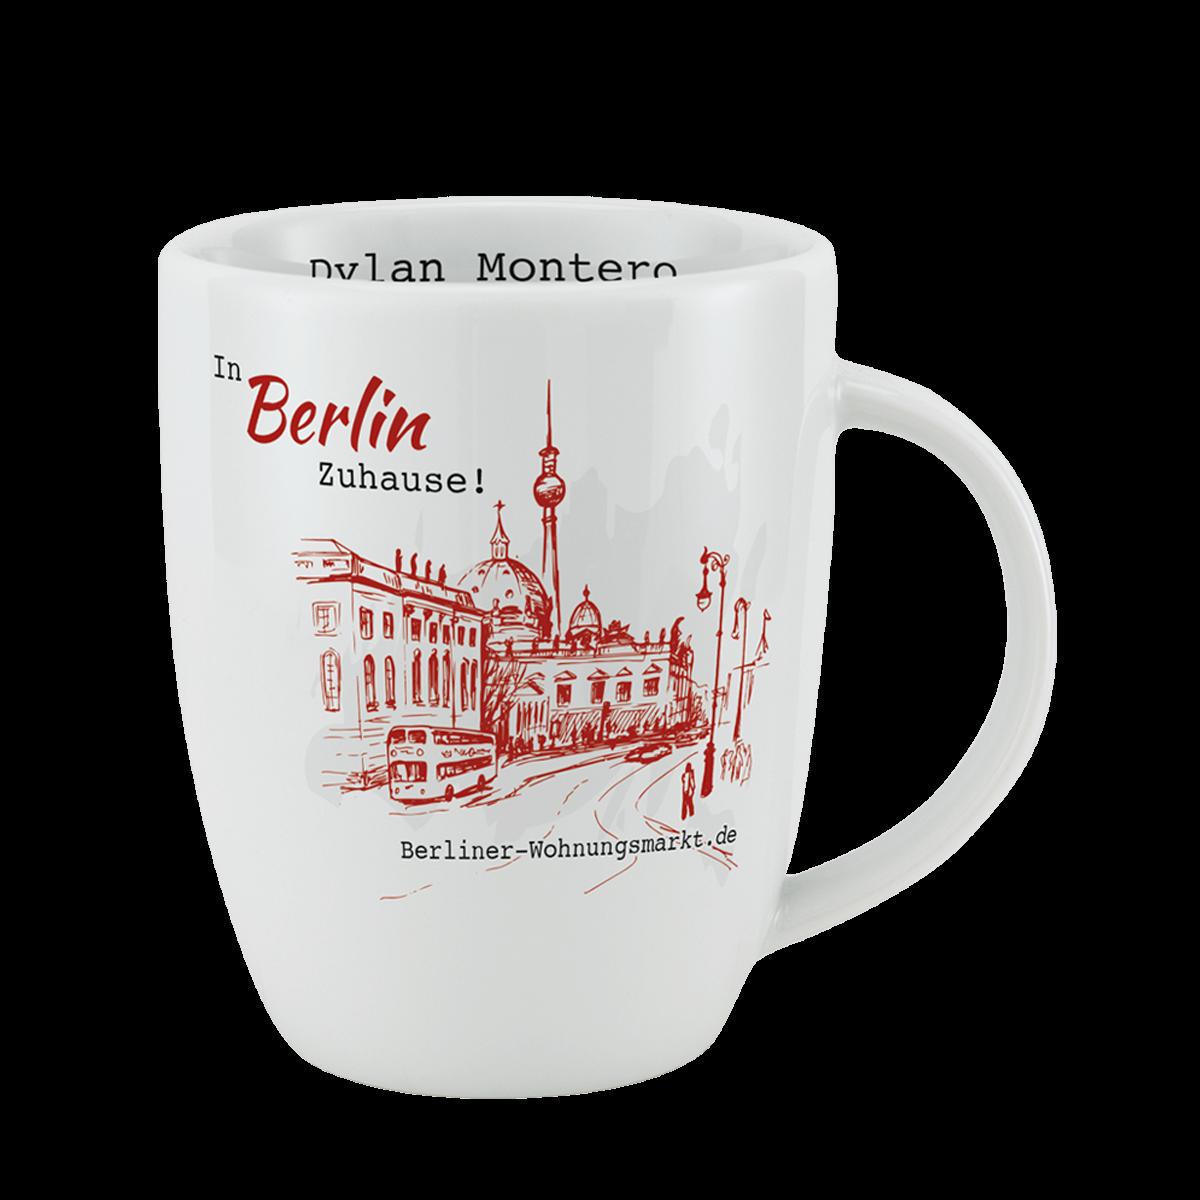 Rio_S014_TRD_TD_PER_ID_Berliner-Wohnungsmarkt_P2_1200px